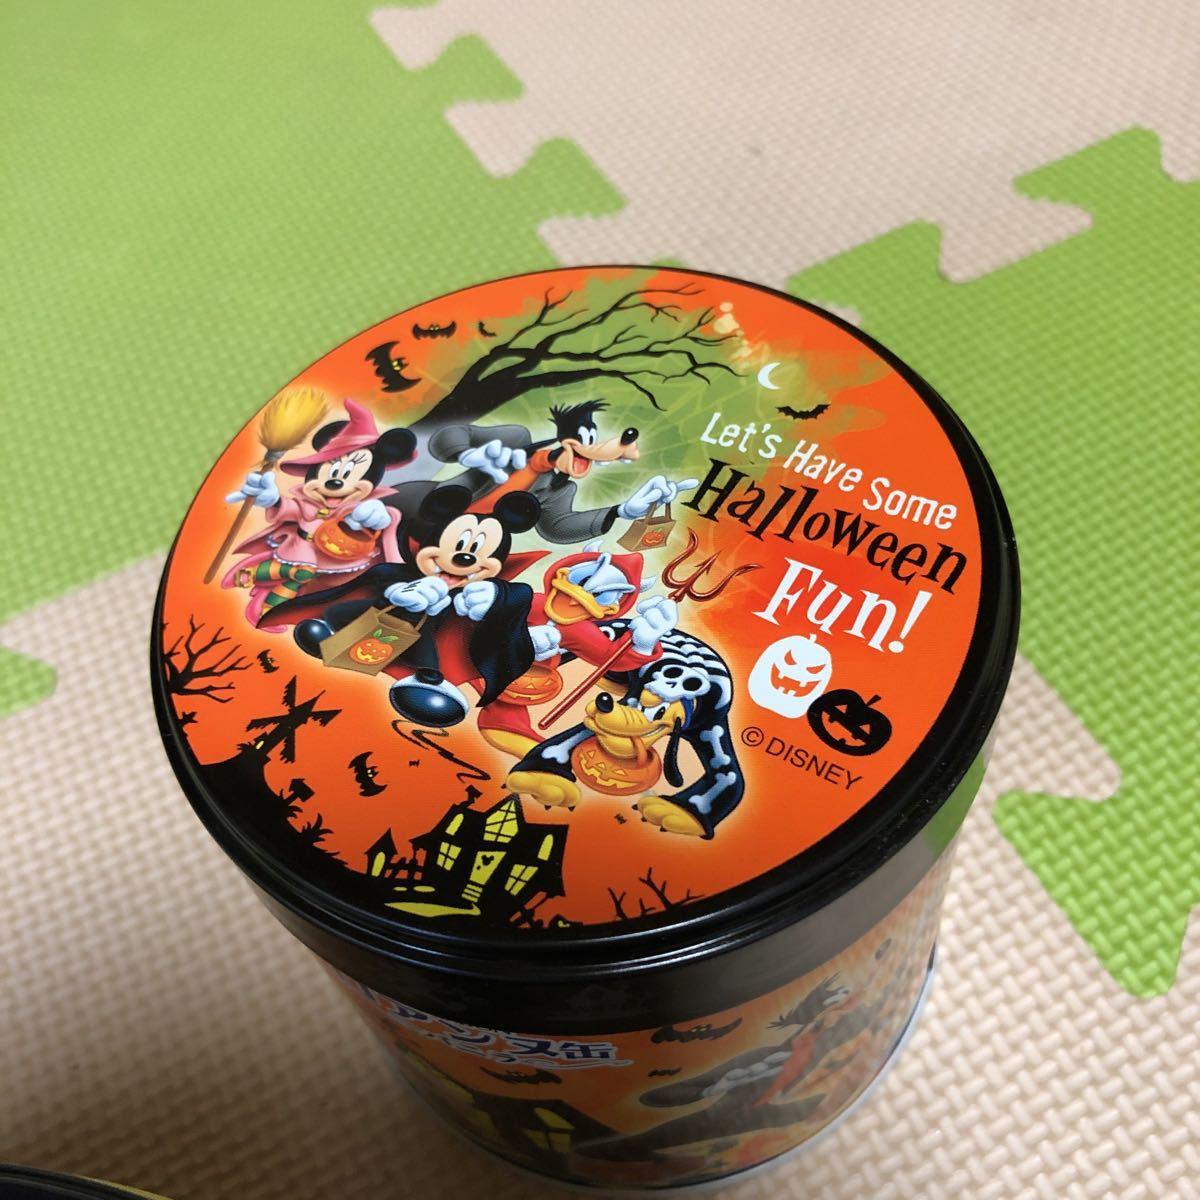 ディズニー★ディズニーリゾート お菓子缶3点&他お菓子缶1点_画像6